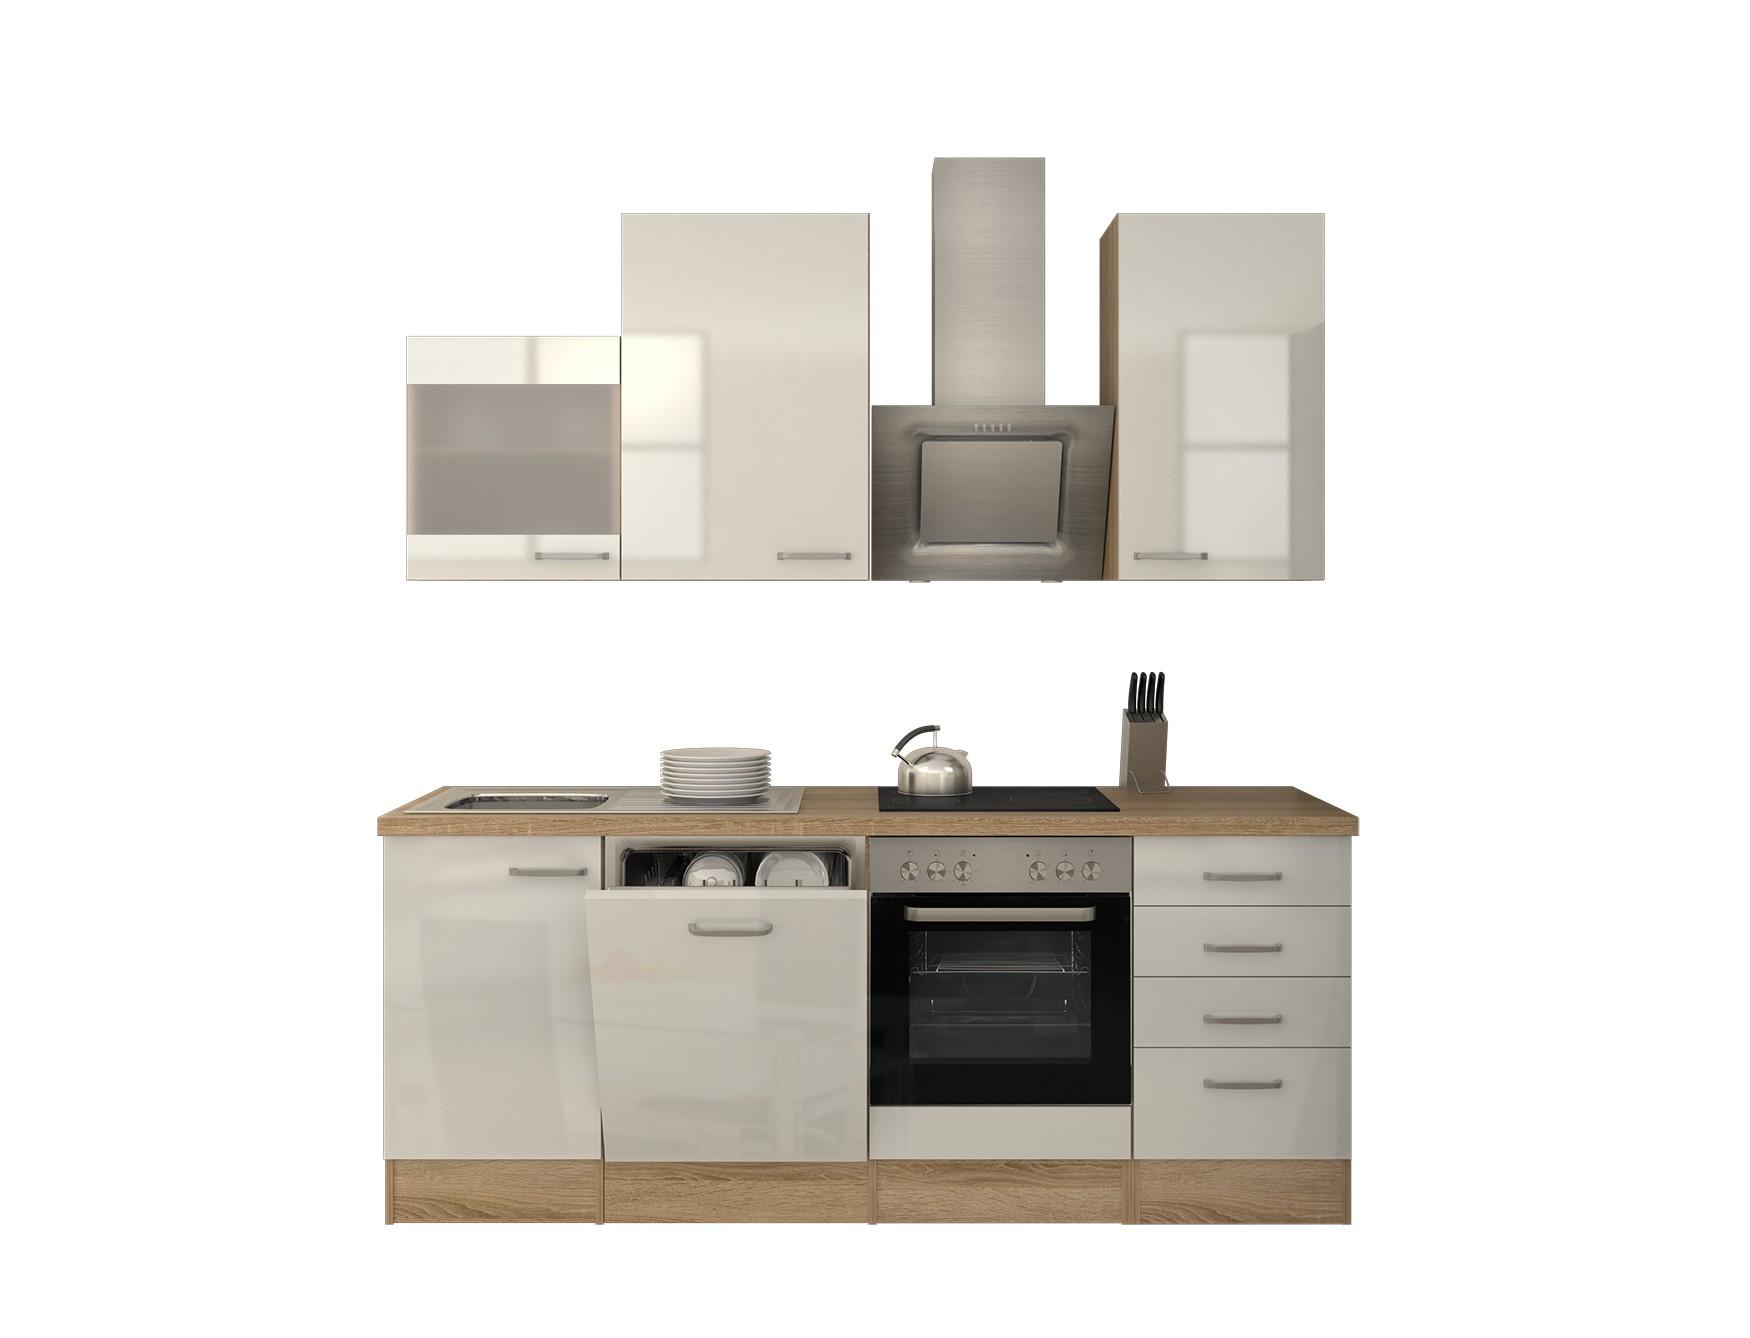 k chenzeile venedig k che mit est haube und auszugsschrank breite 220 cm wei k che. Black Bedroom Furniture Sets. Home Design Ideas